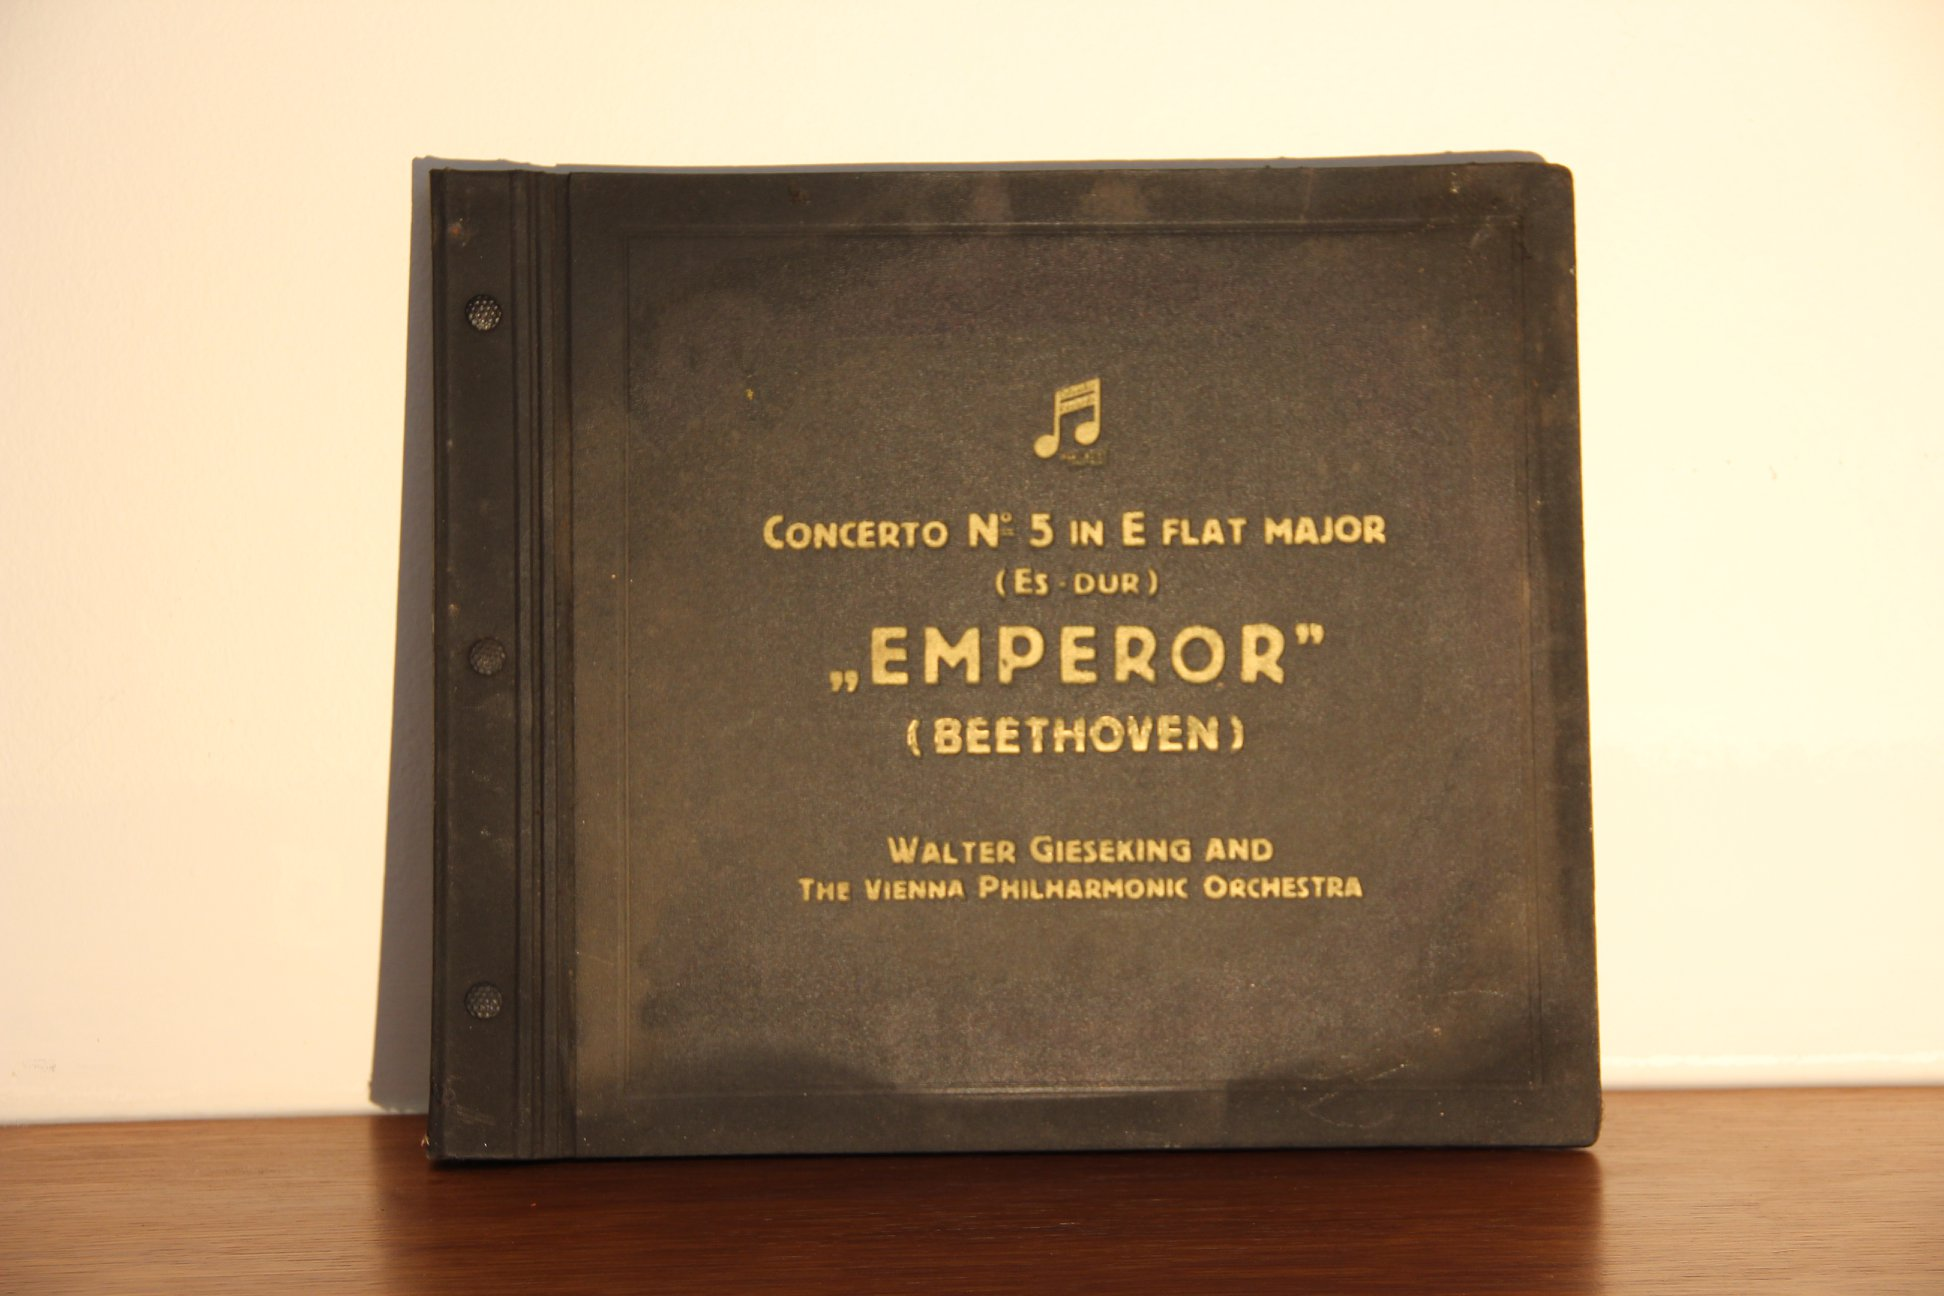 7. Beethoven, sada LP desek ve výborném stavu, jen lehce ohořelé, vyvolávací cena 300,- Kč